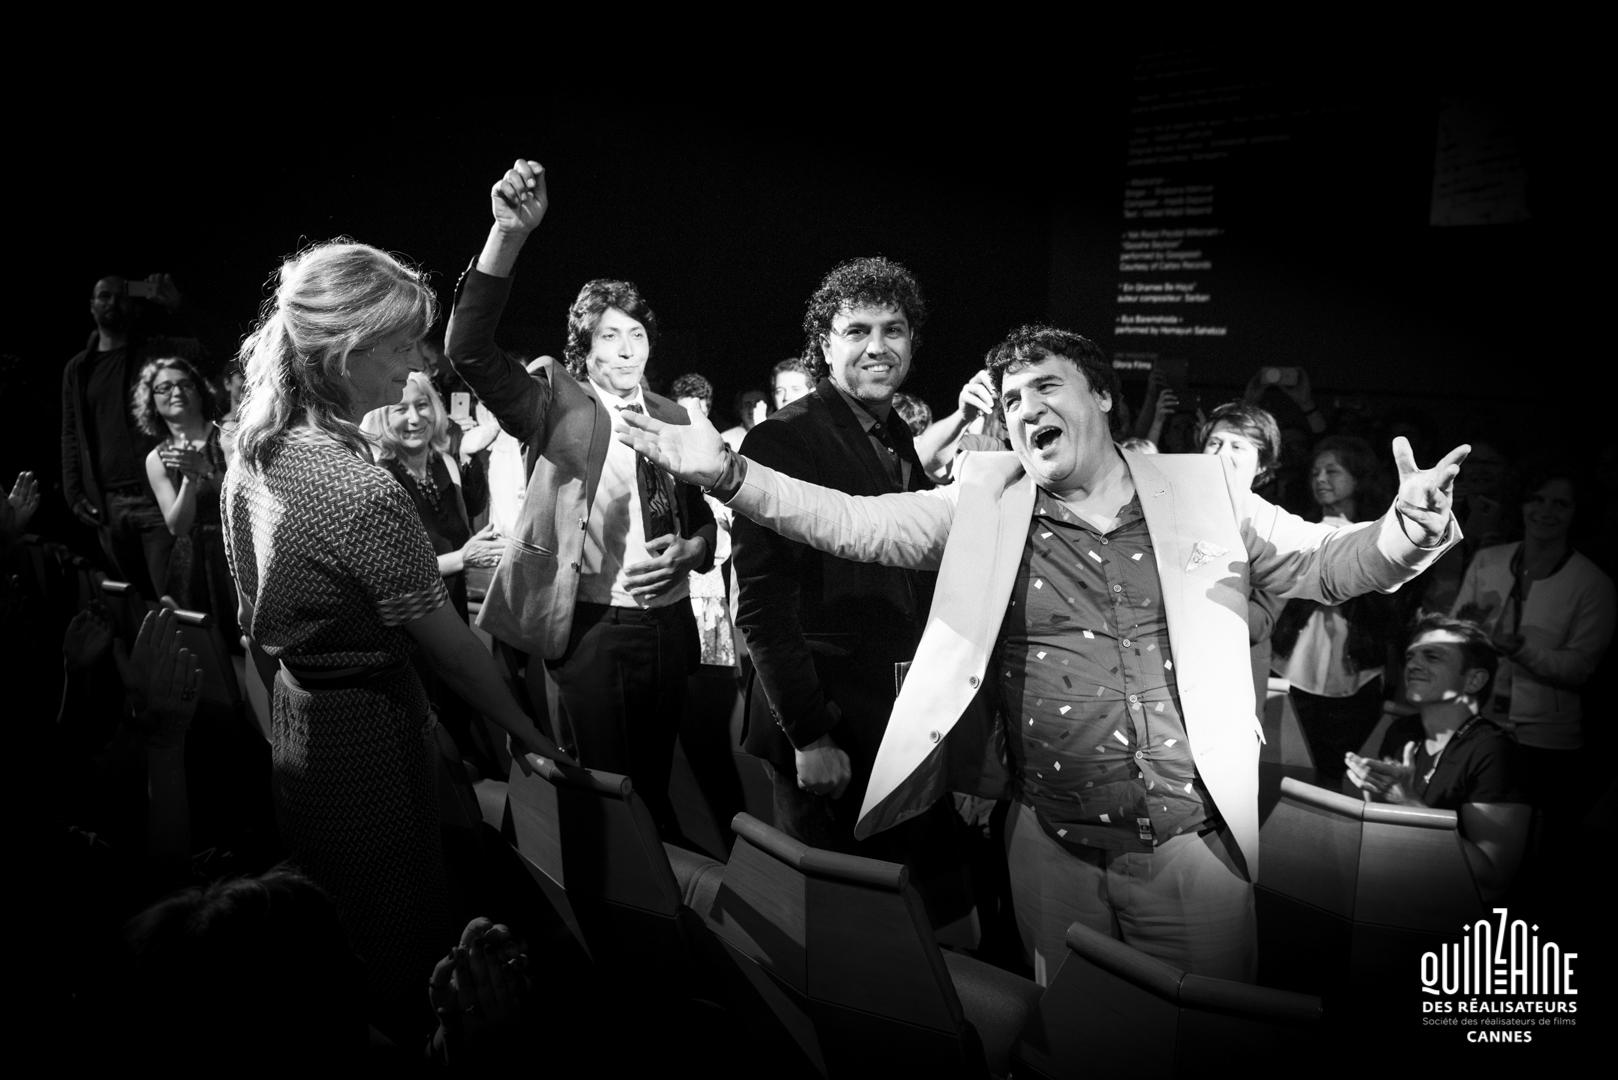 La fin de projection de Nothingwood, réalisé par Sonia Kronlund à Cannes. Salim Shaheen et son équipe.